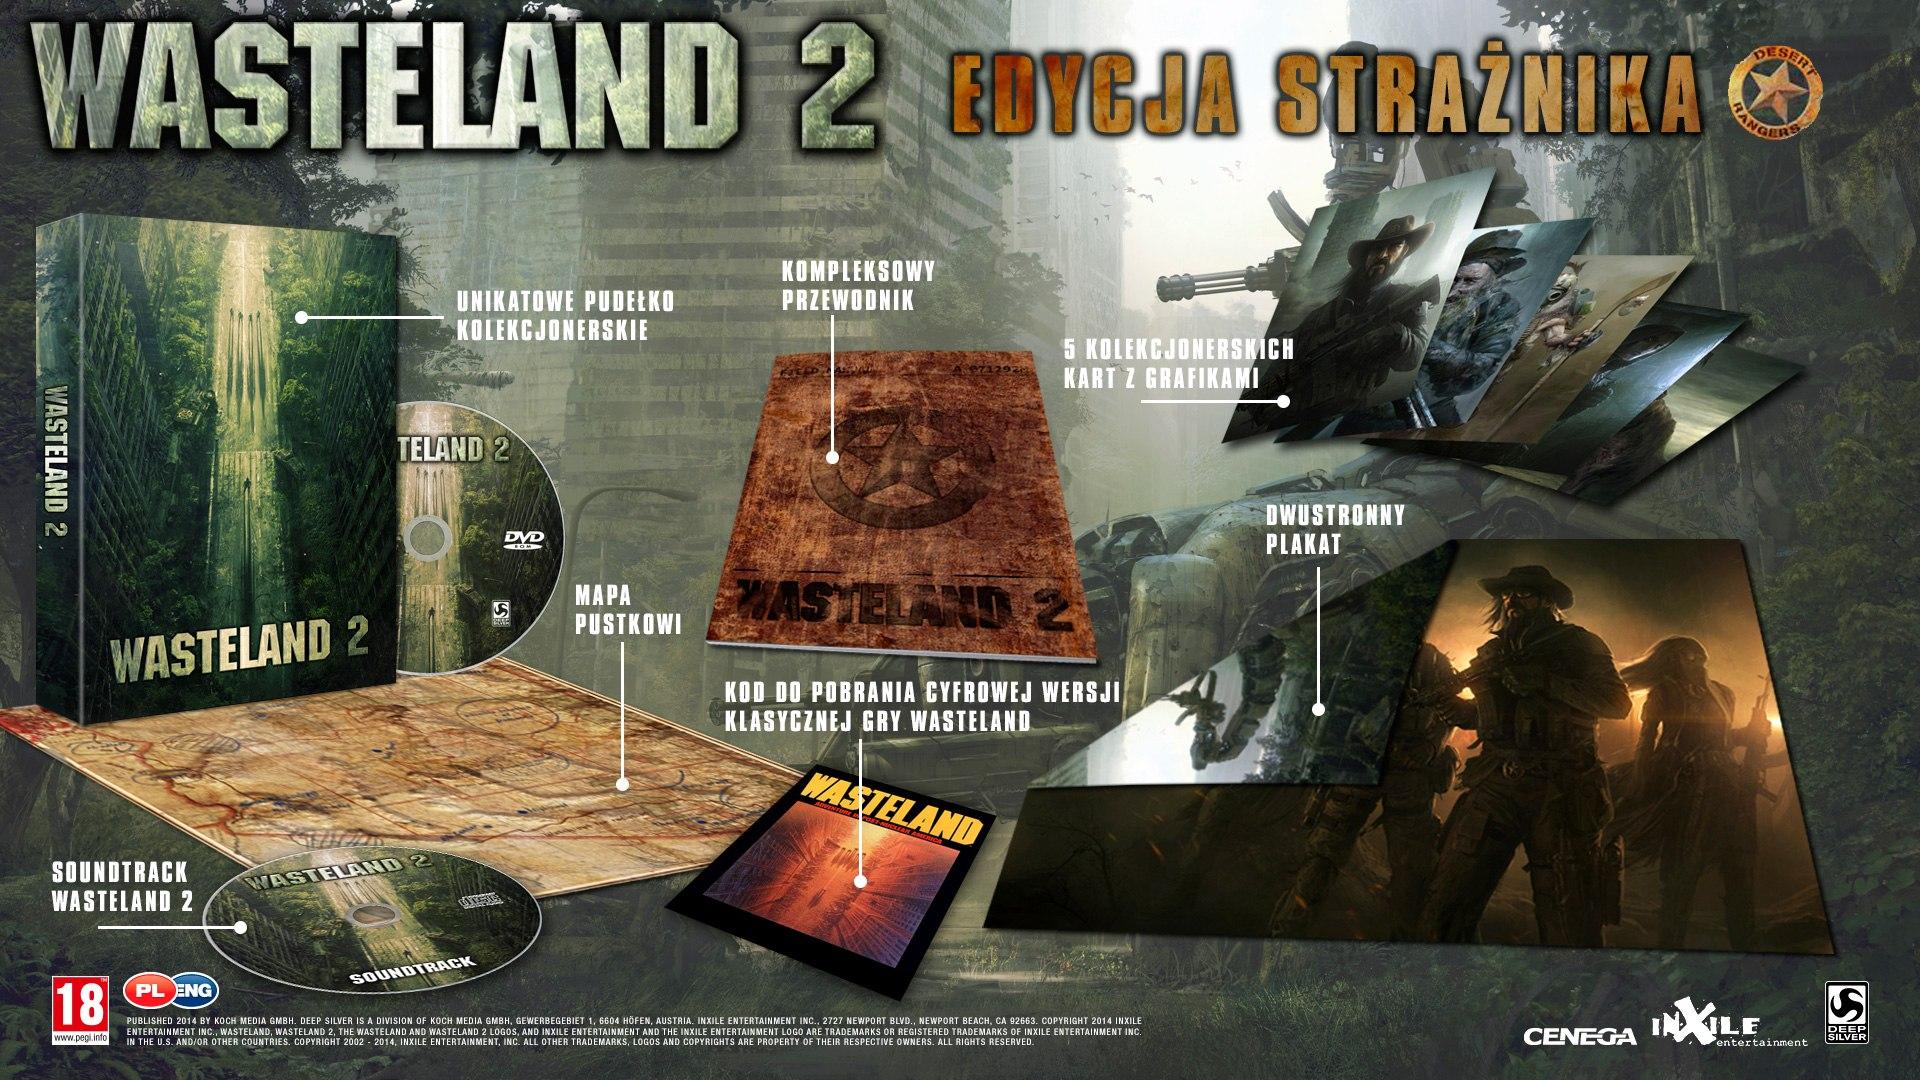 Specjalna edycja gry Wasteland 2.